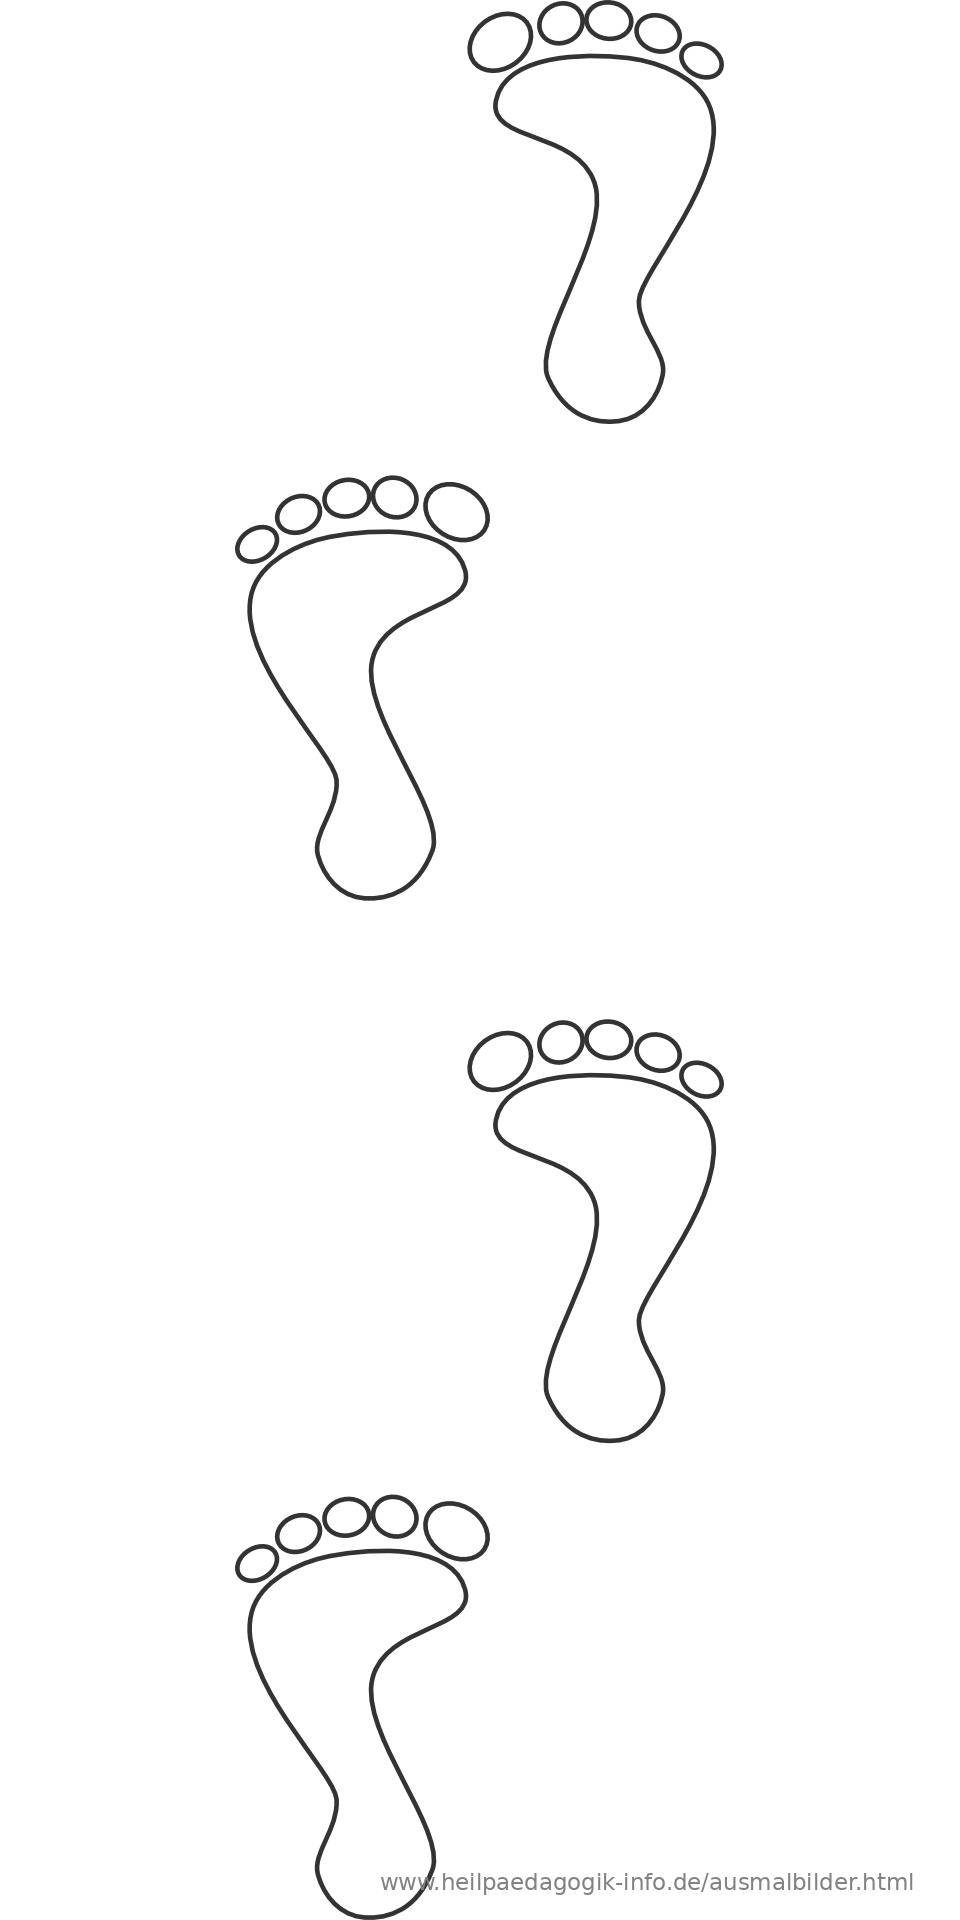 Berühmt Fuß Malvorlagen Bilder - Malvorlagen Von Tieren - ngadi.info